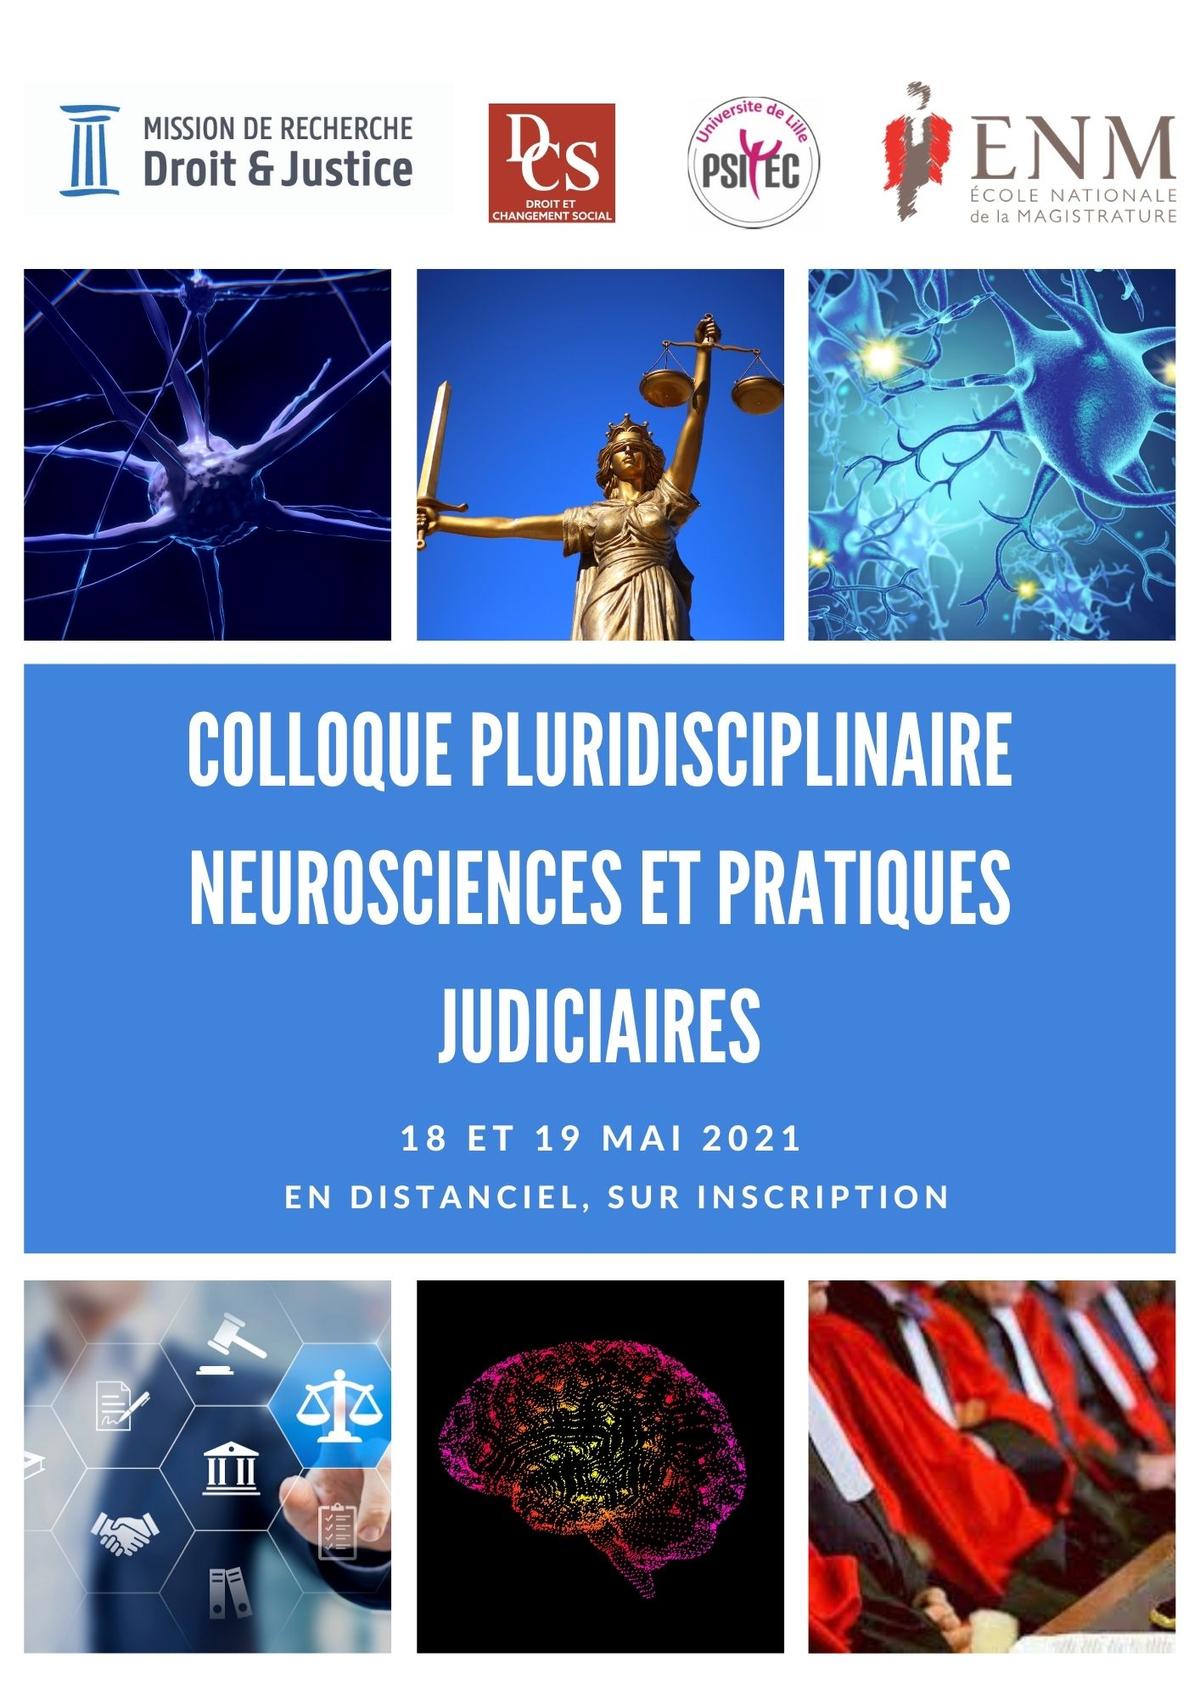 NeuroSc & Pratiques Judiciaires